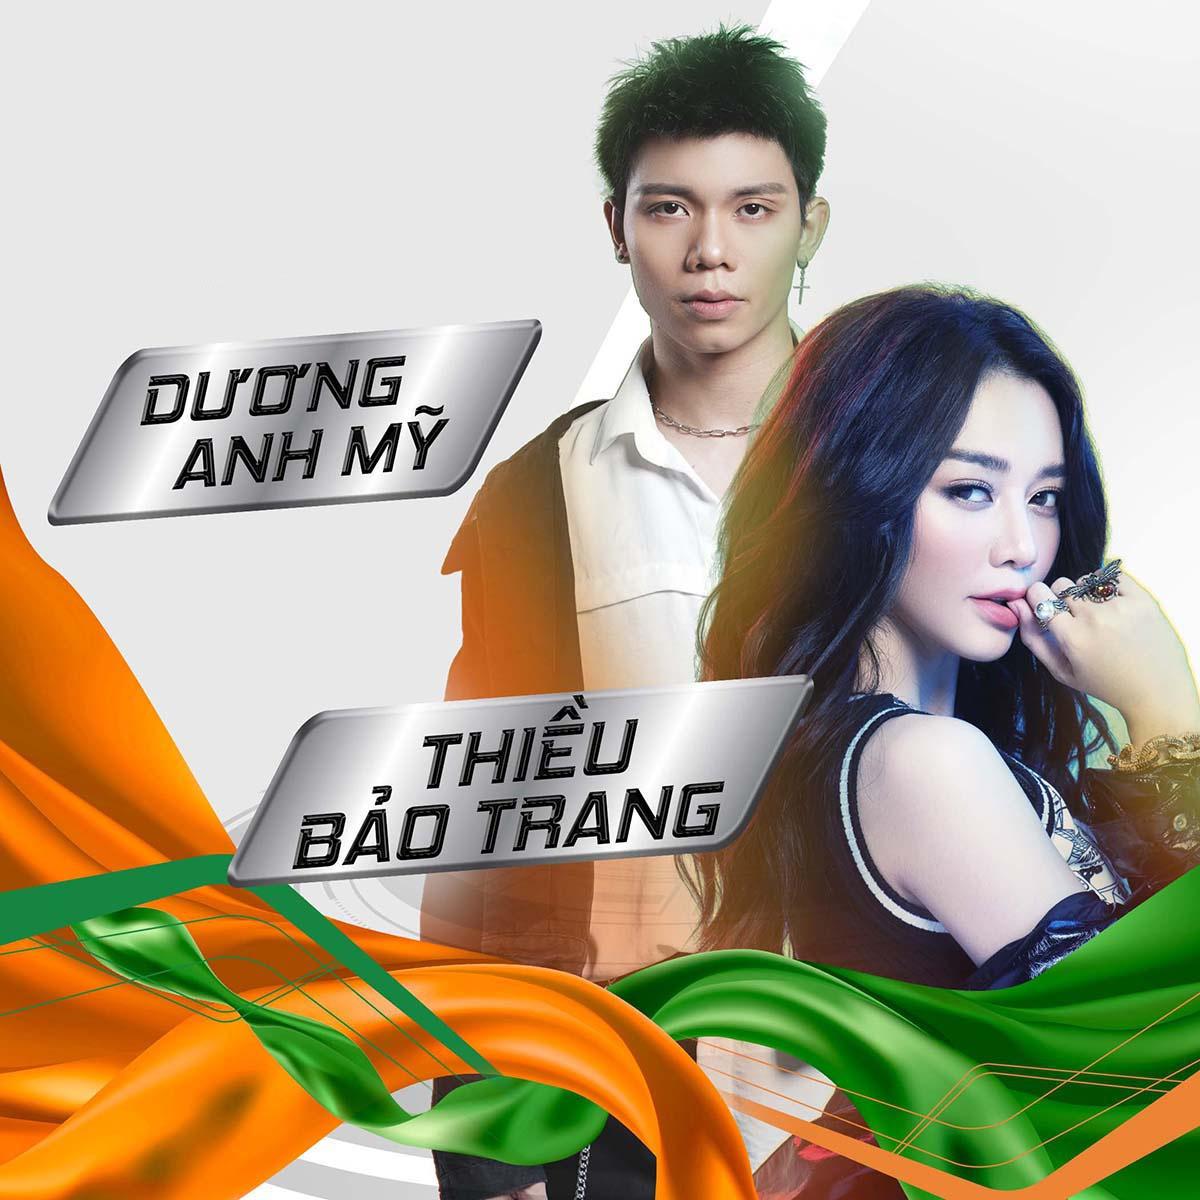 Thiều Bảo Trang 'đối đầu' mỹ nhân 'Lật mặt' trong gameshow nhảy múa